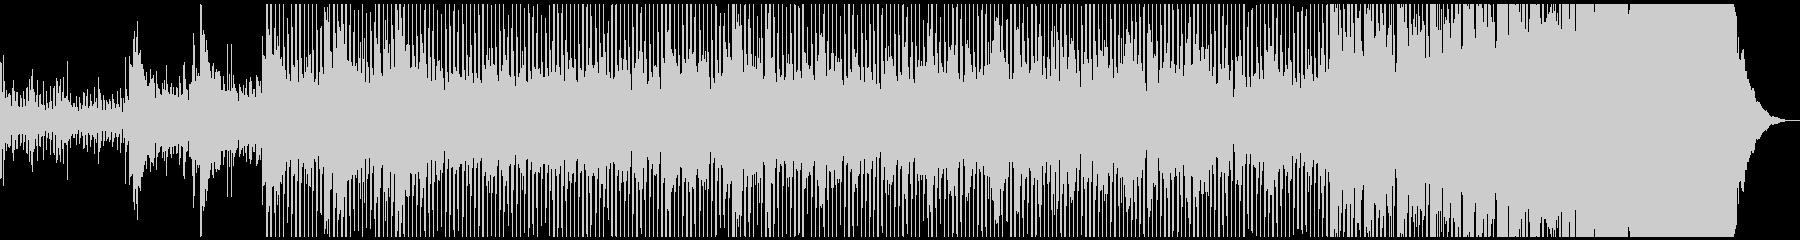 音響アメリカ研究所気分を高揚させる。の未再生の波形